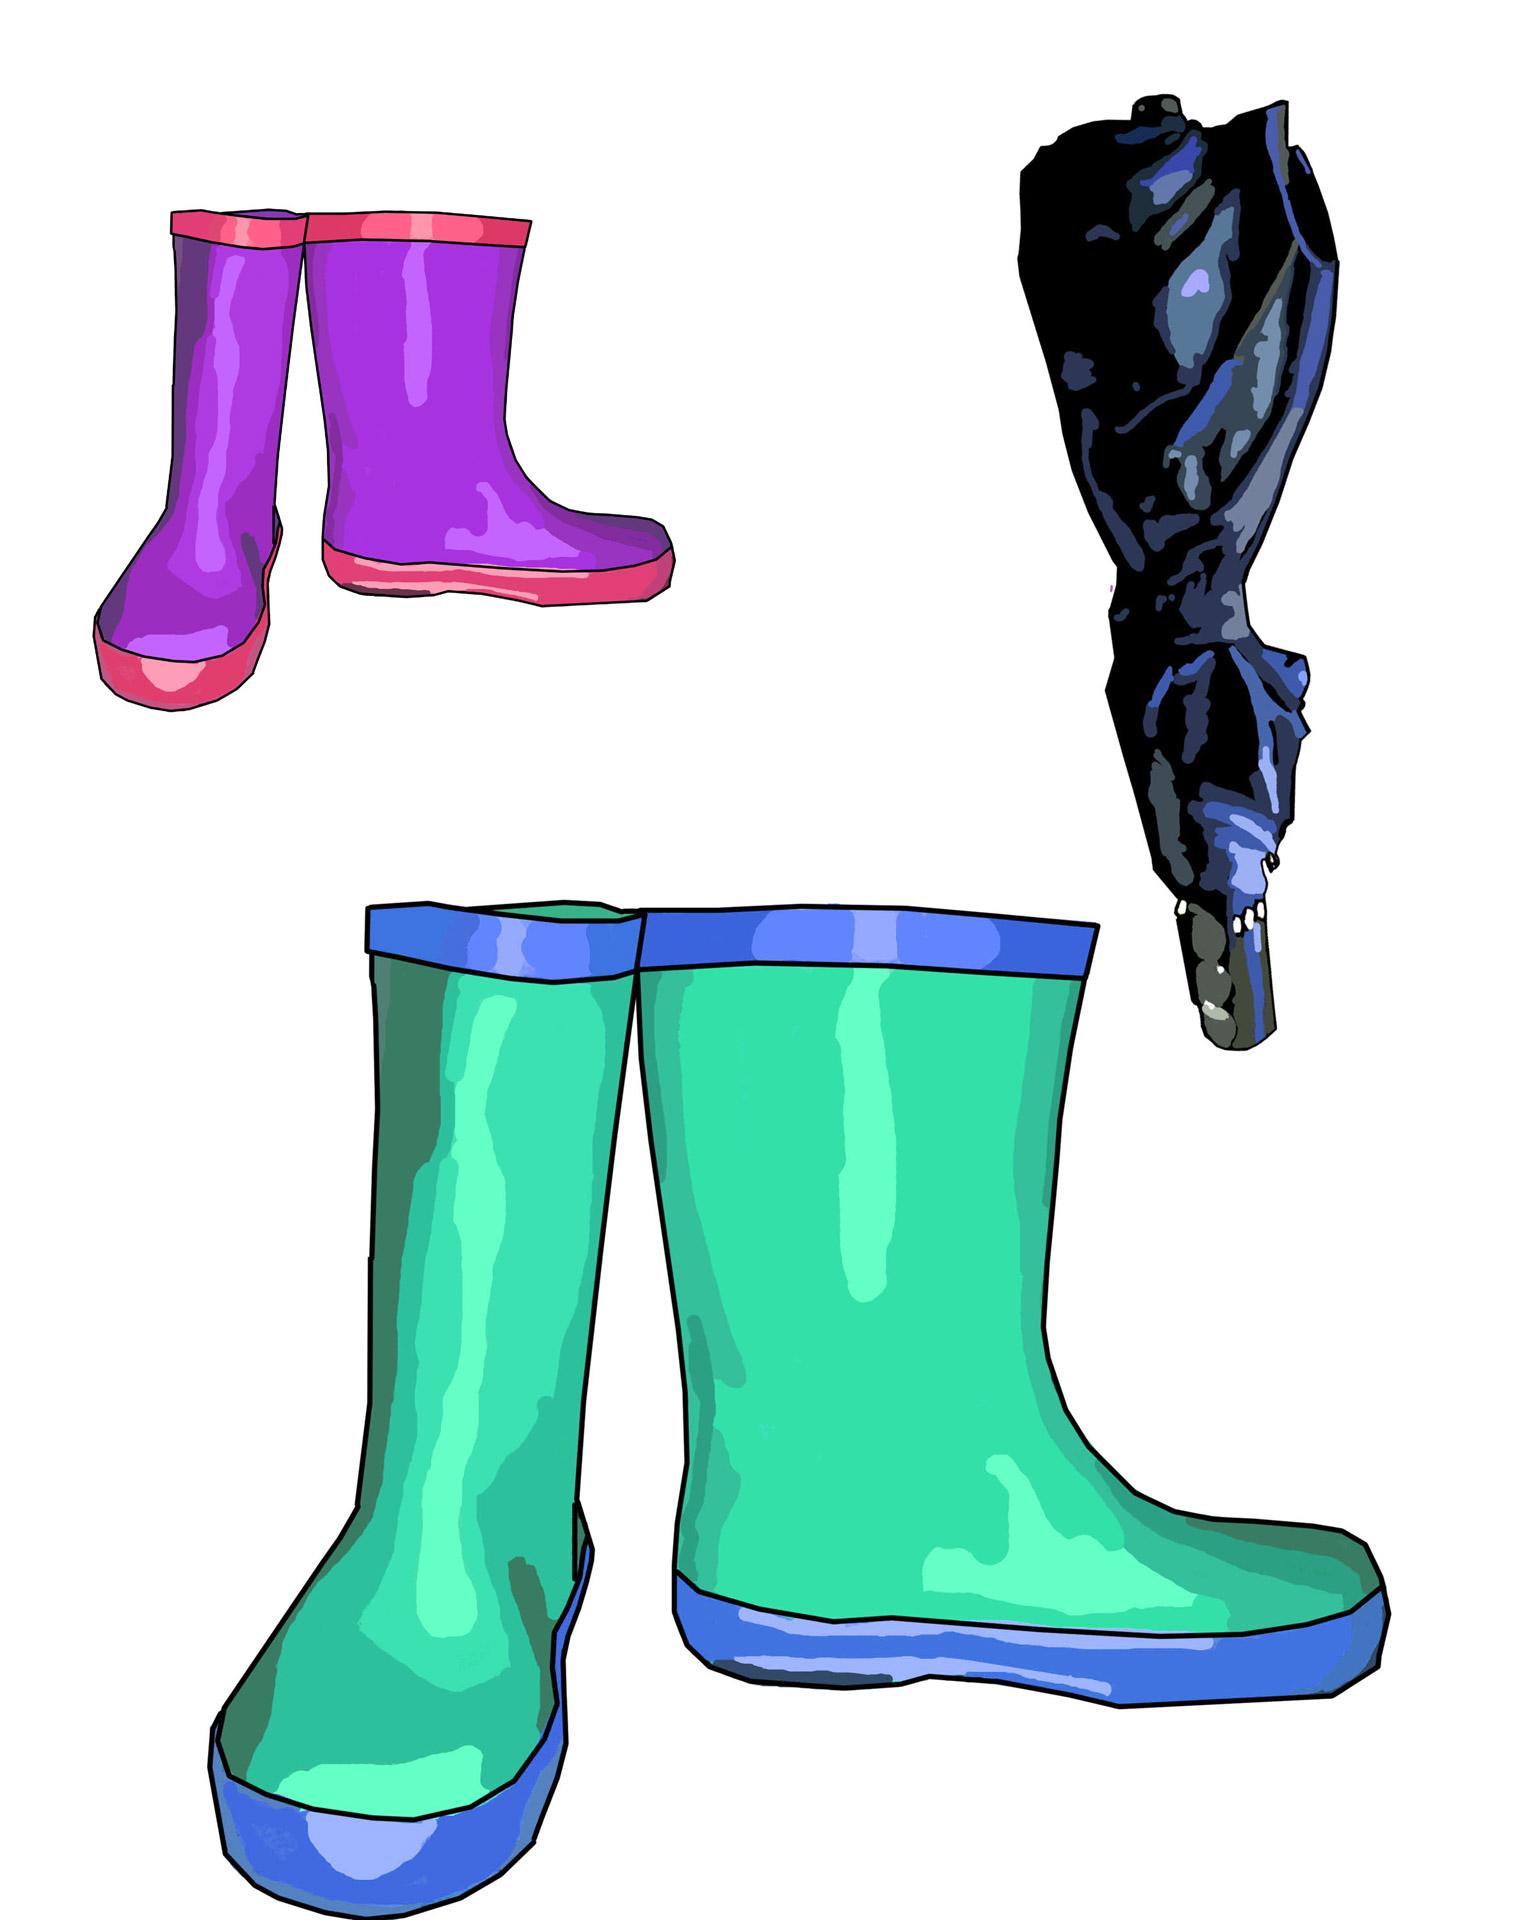 Bottes de pluie et clip art Umbrella Photo stock libre.